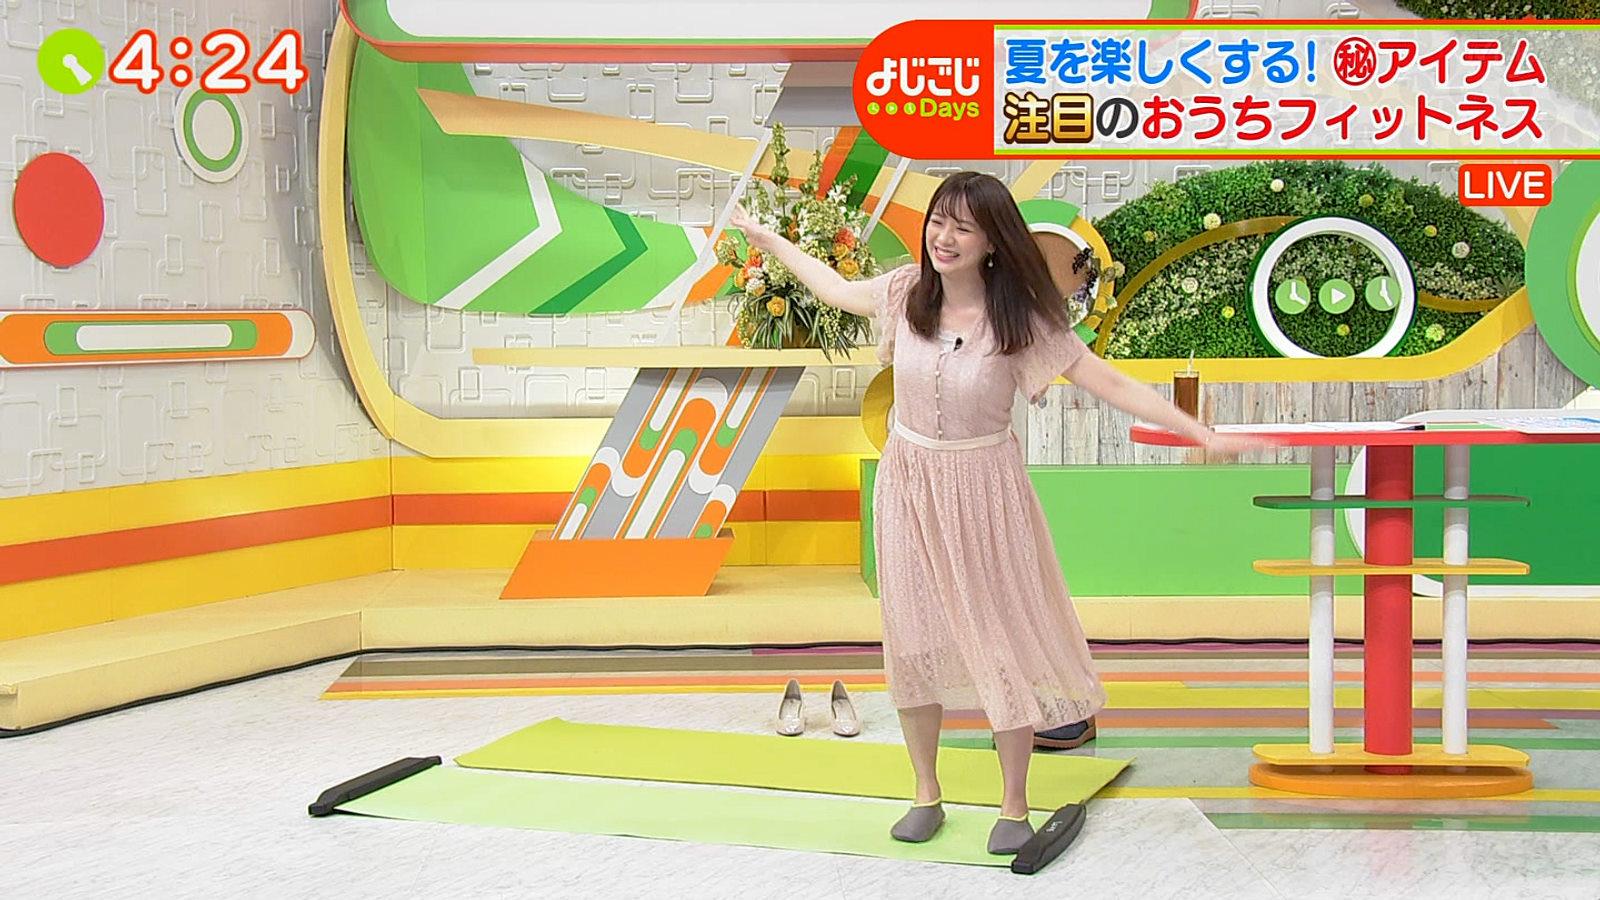 森香澄_女子アナ_おっぱい_乳揺れ_よじごじDAYS_42